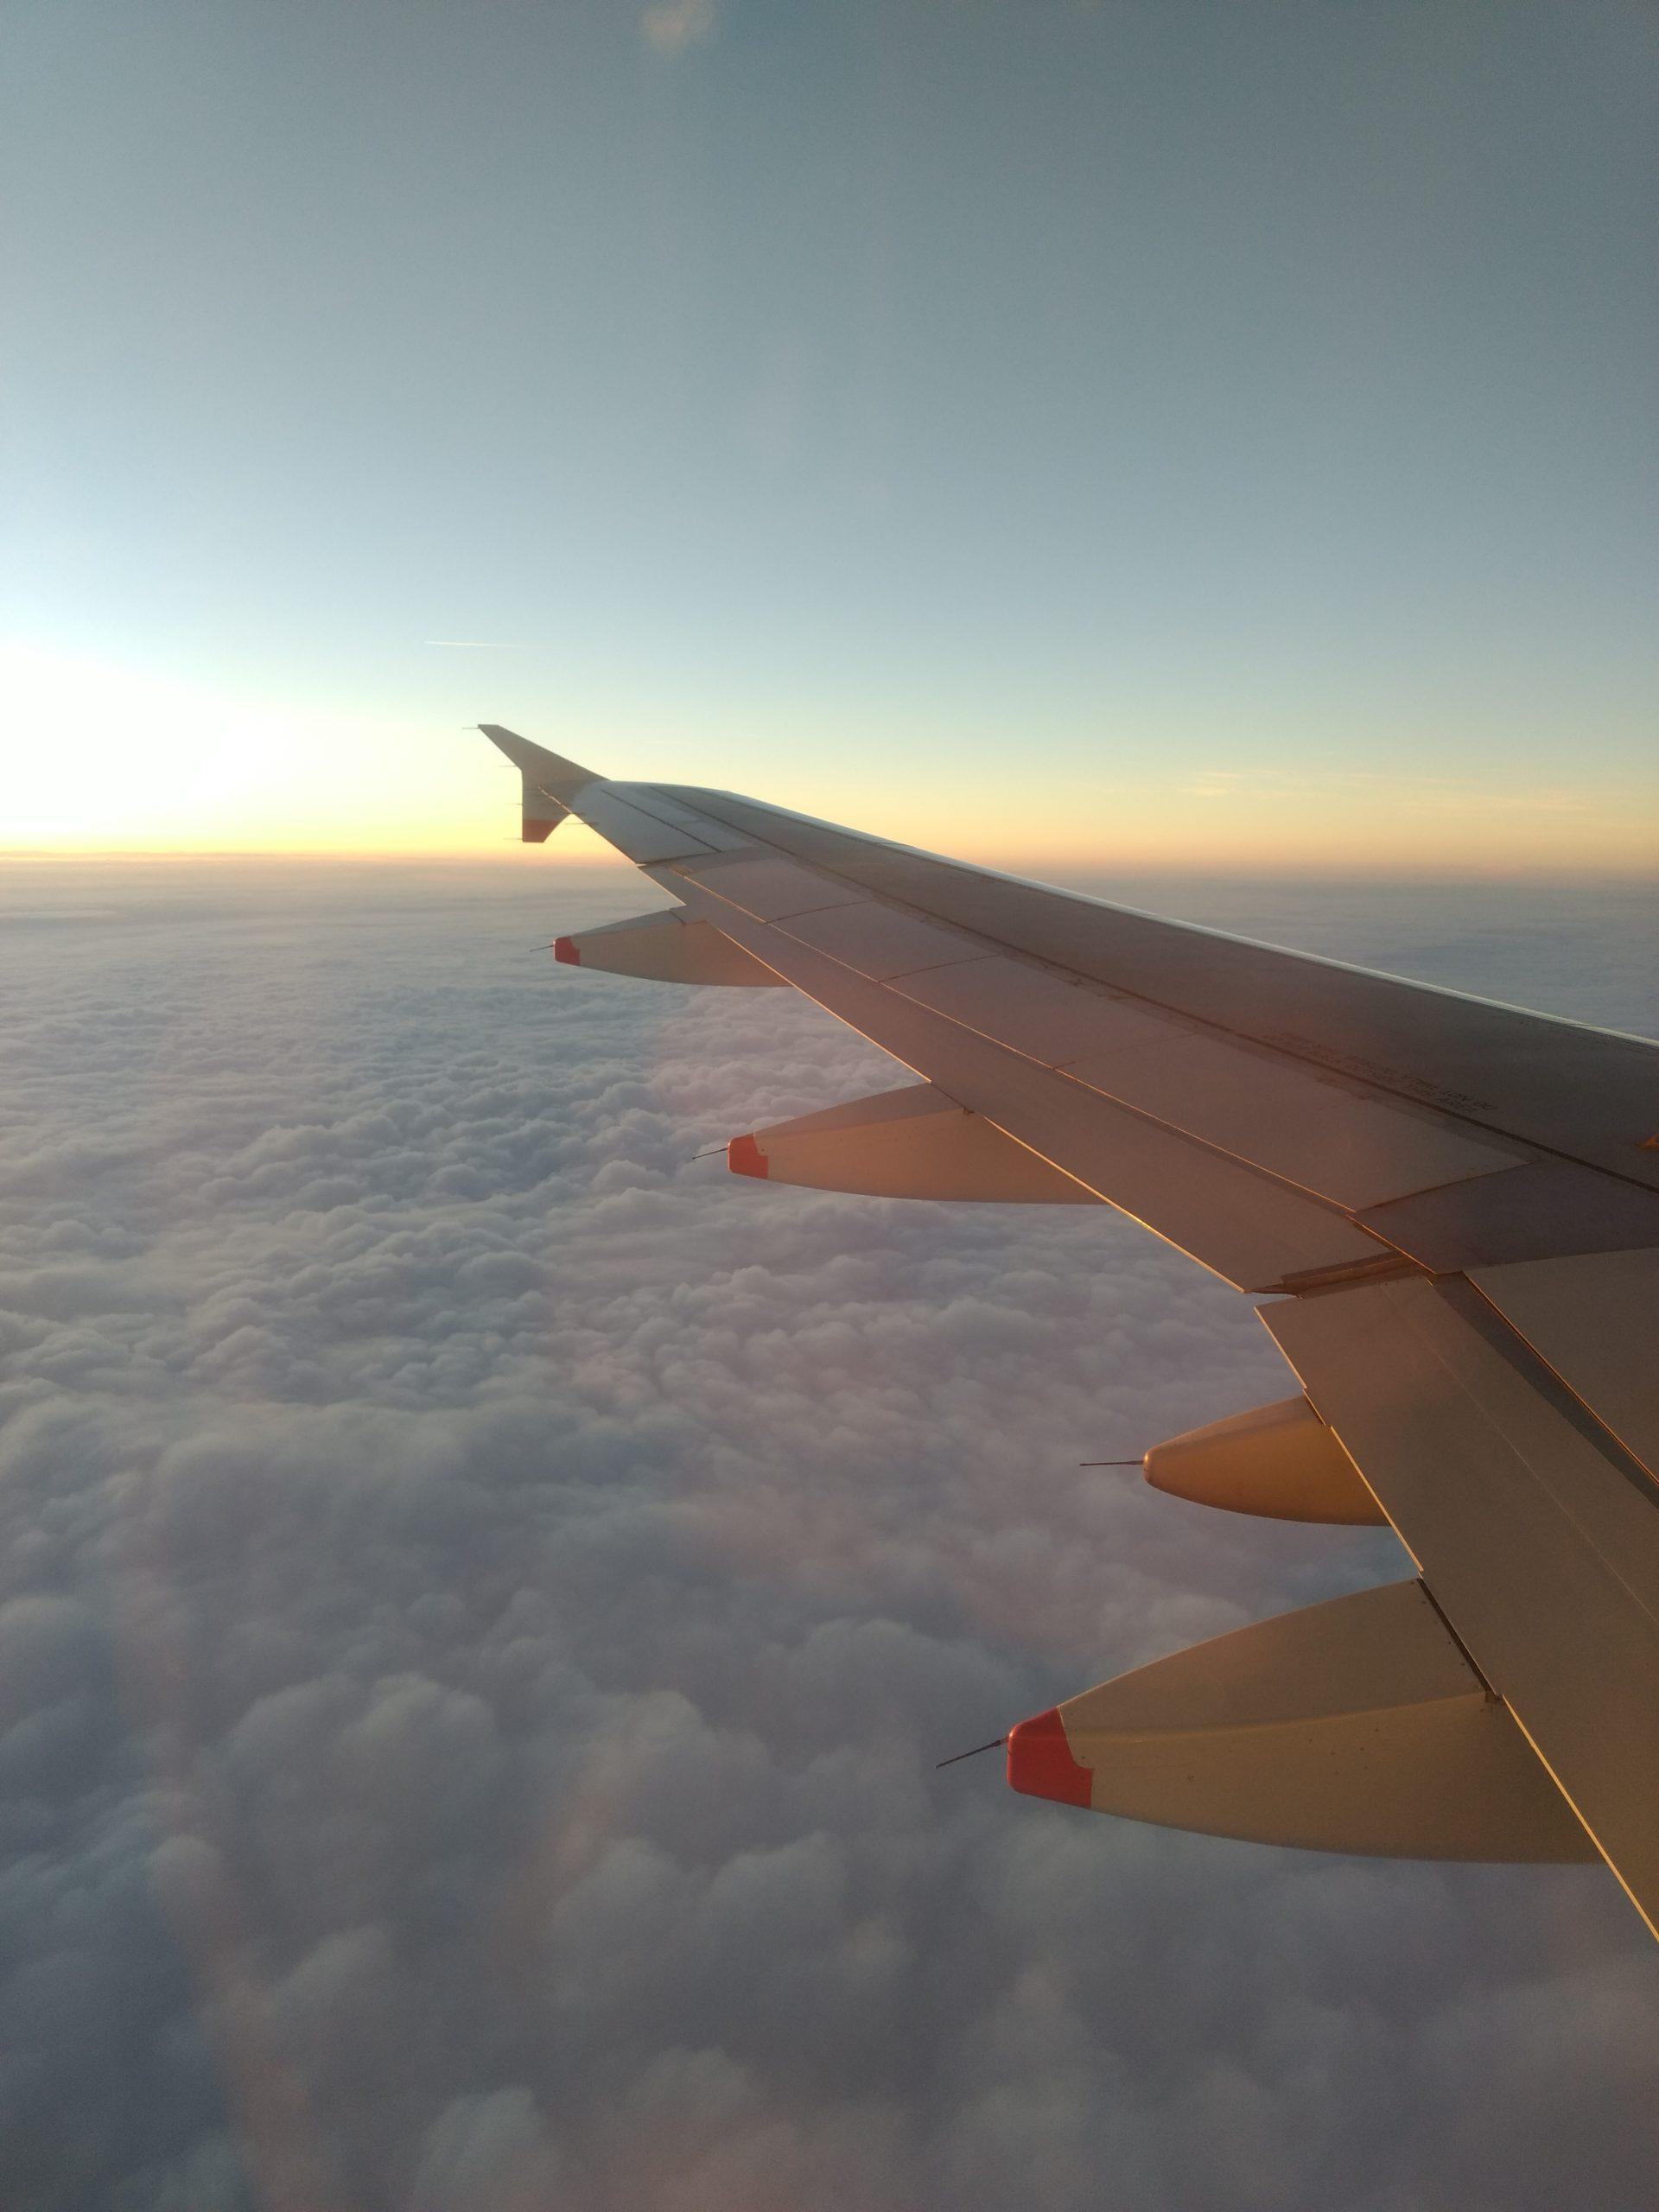 Blick aus einem Flugzeug auf den Sonnenuntergang und die Tragfläche des Airbus